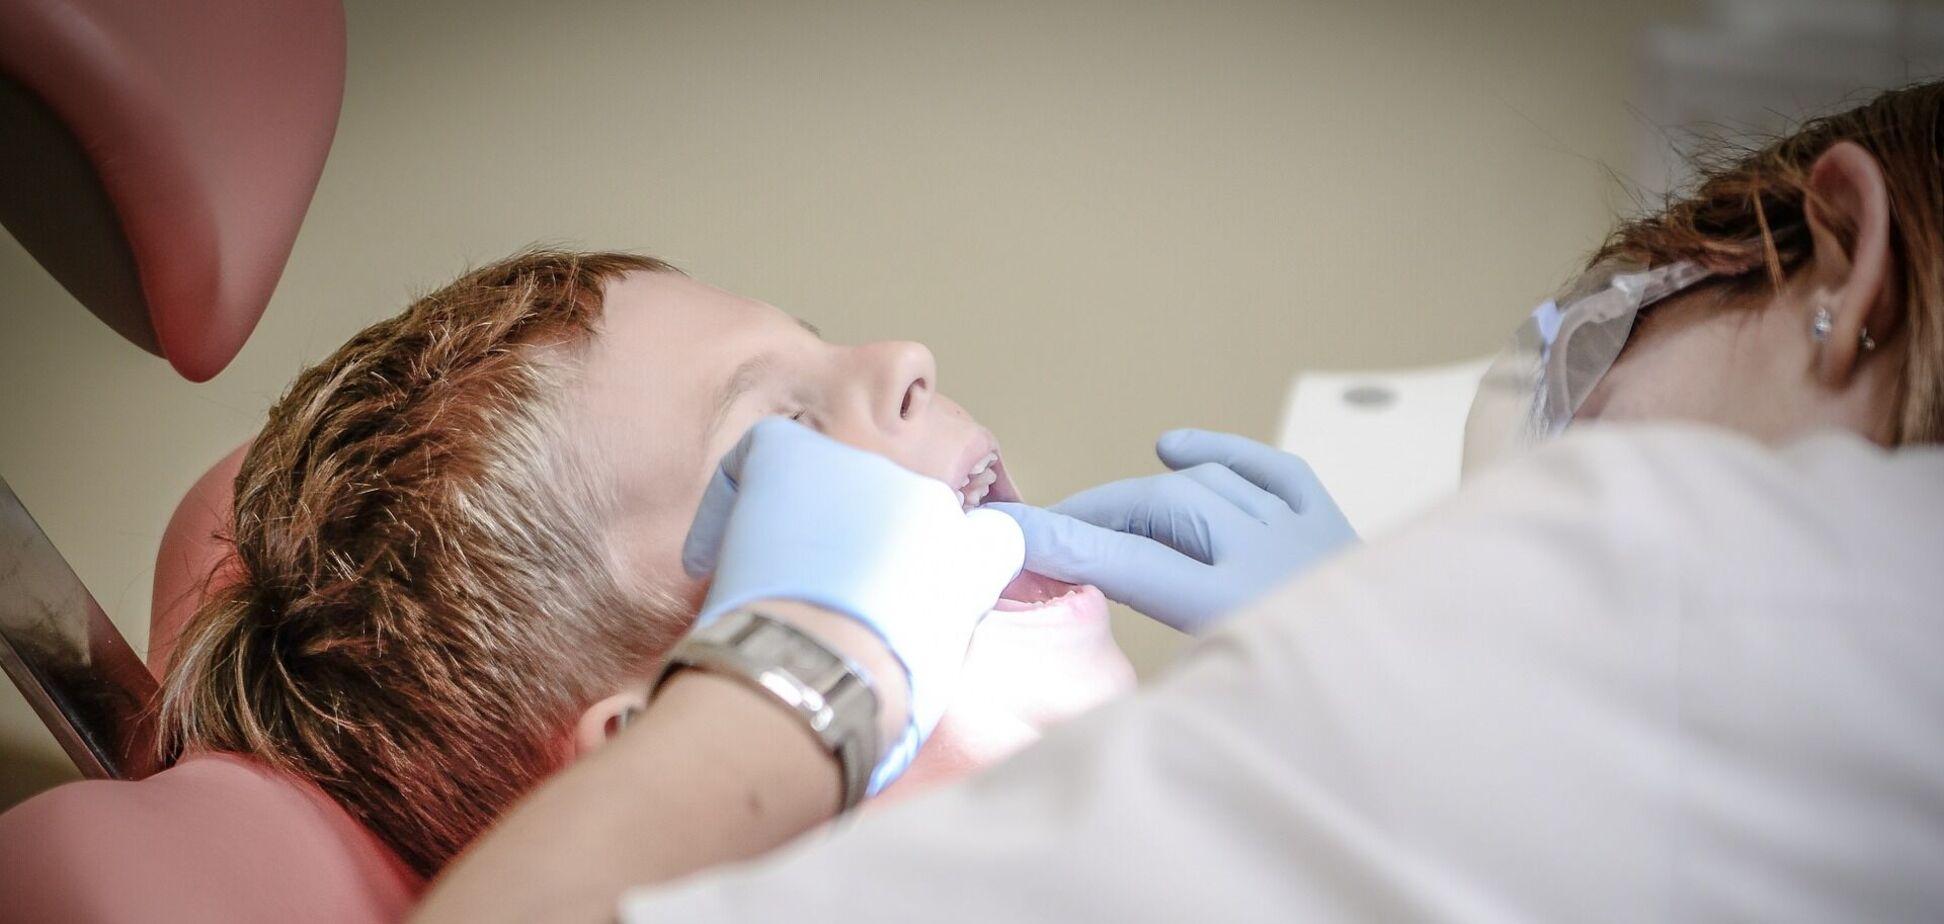 Дитина в кріслі у стоматолога